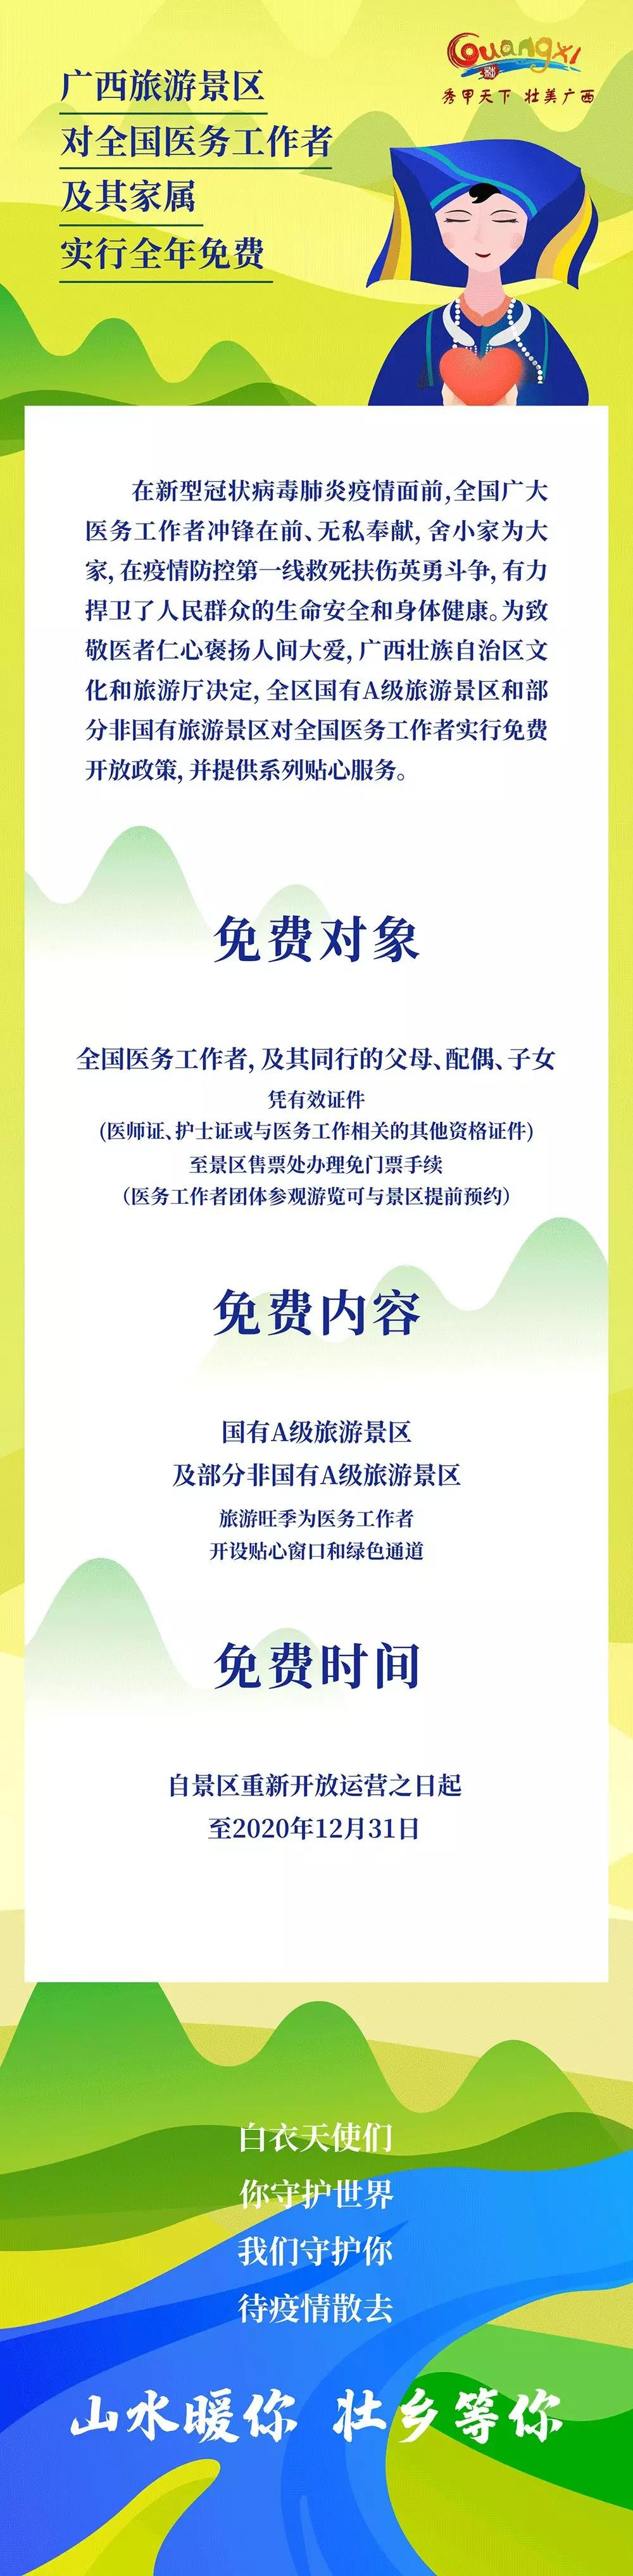 面向全国医务工作者及其家属,广西旅游景区今年全年免费开放